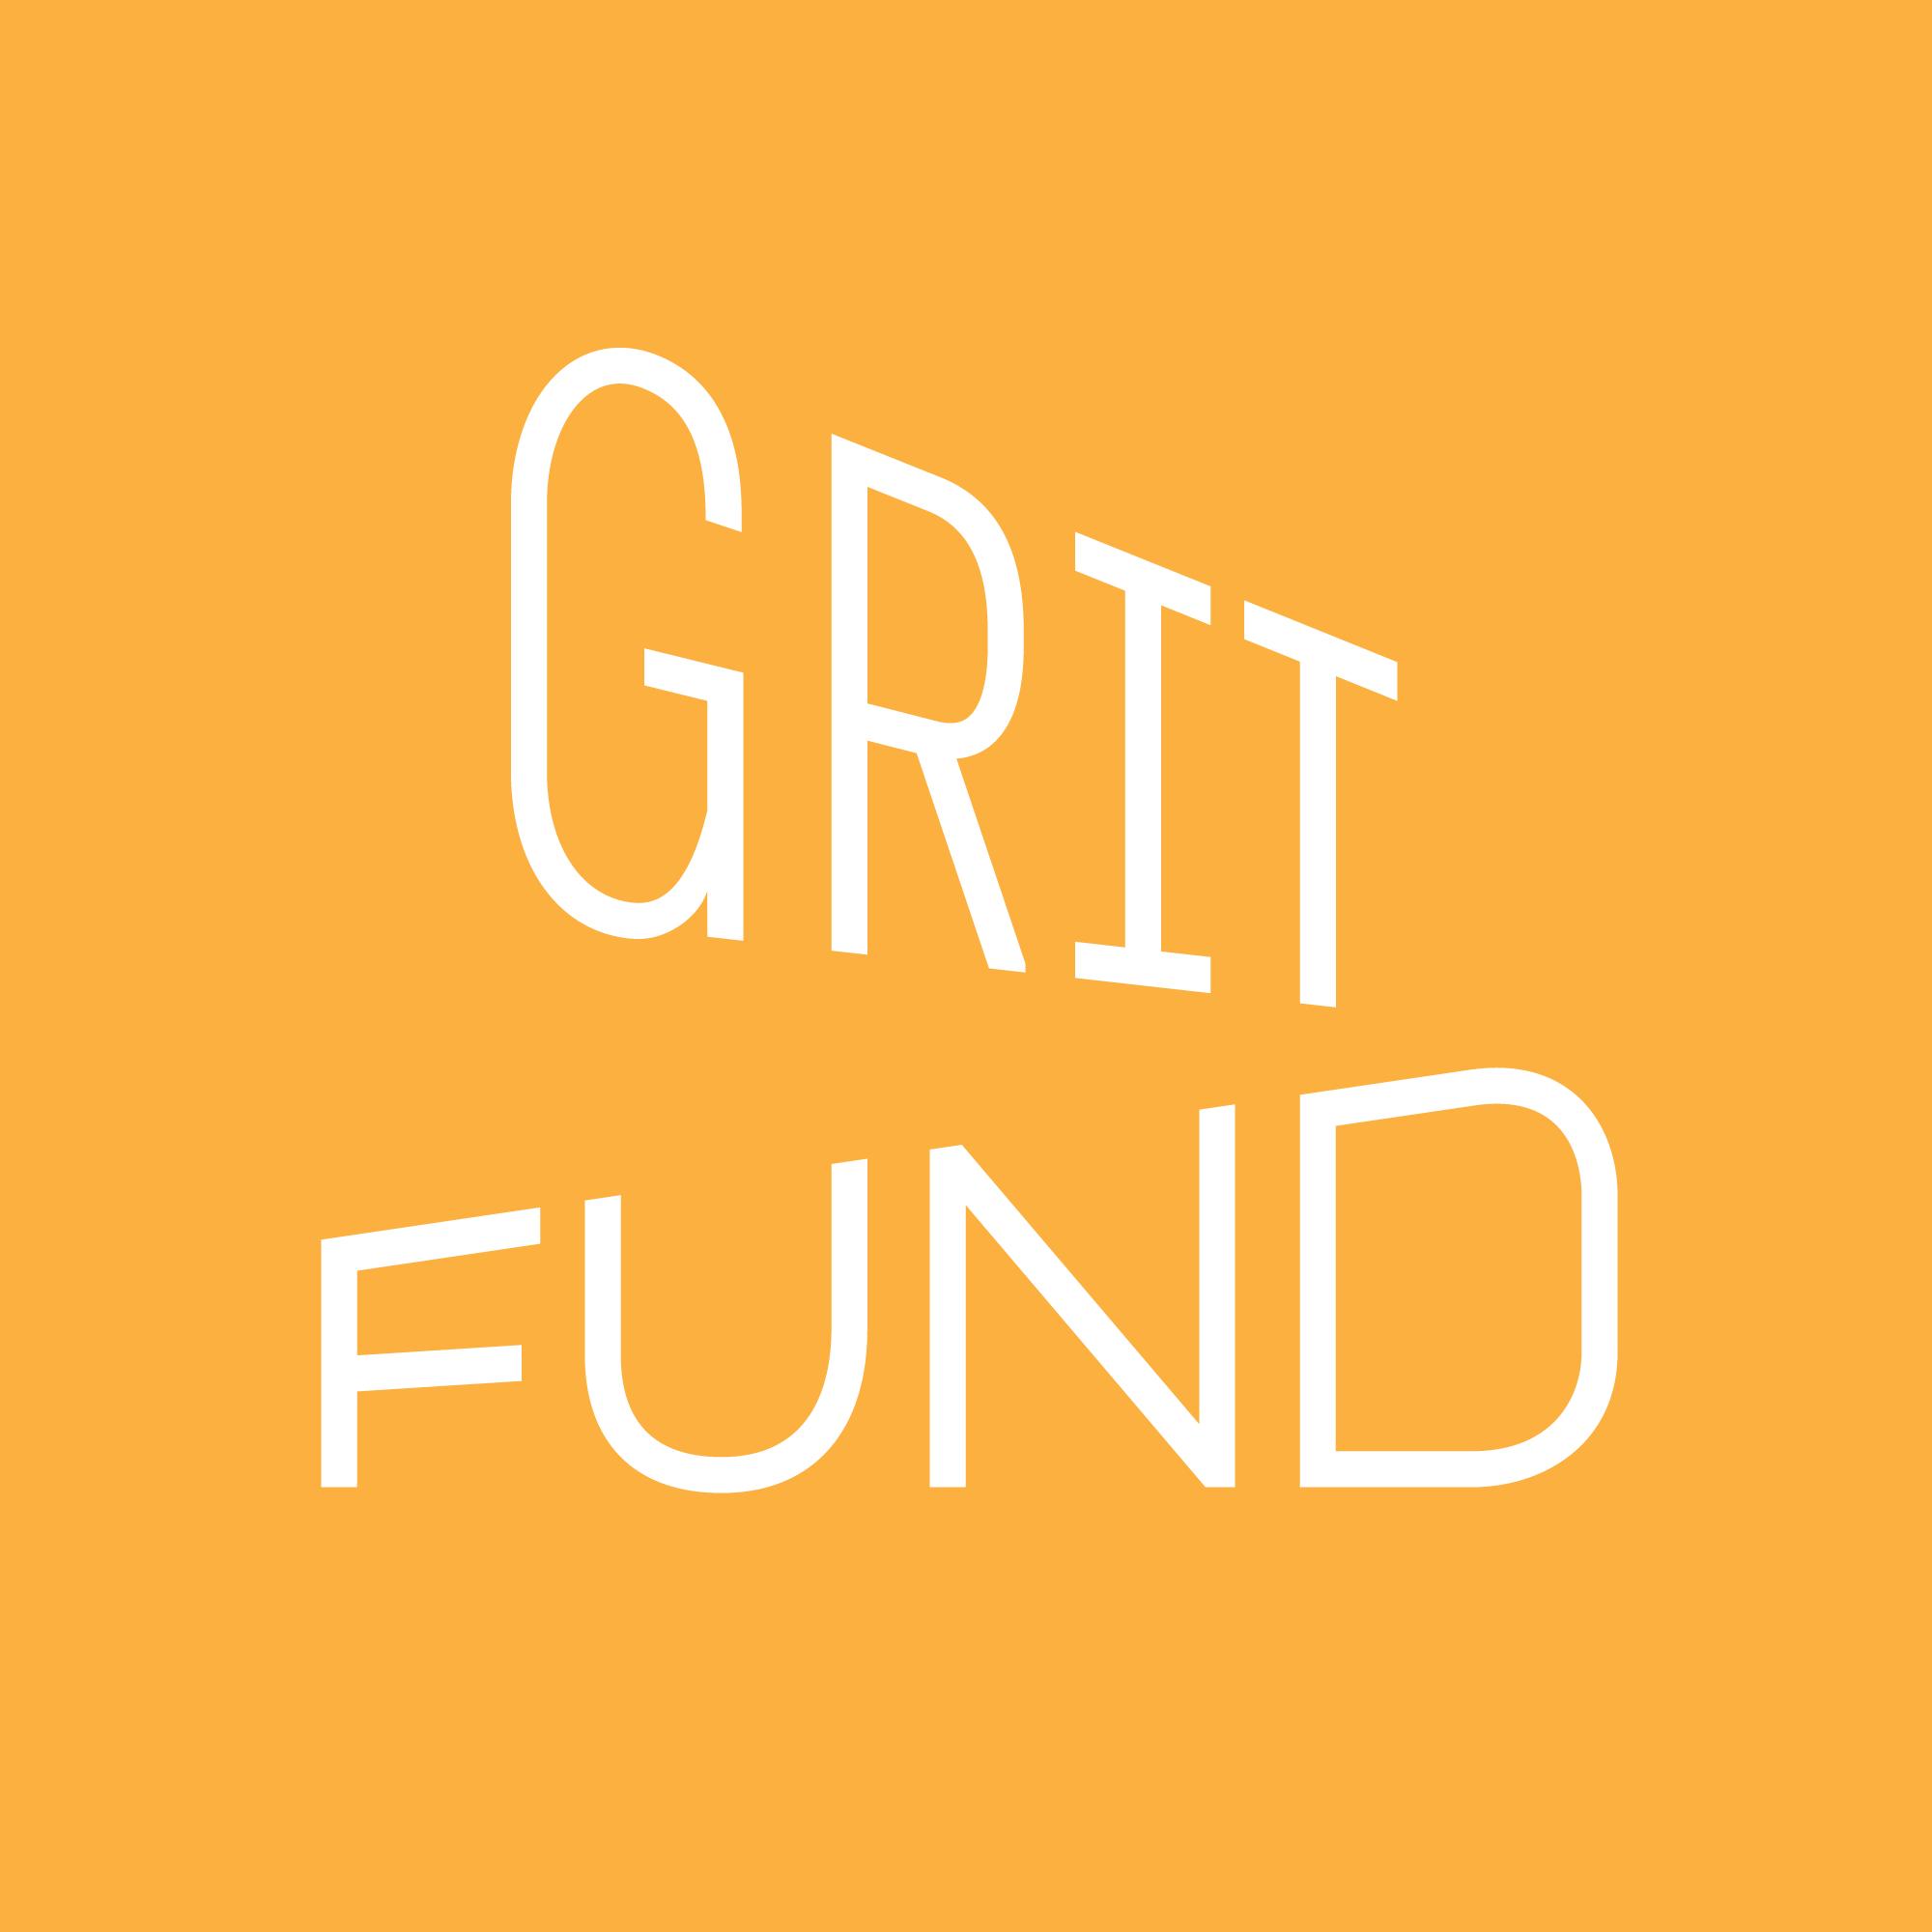 GritFund_RGB_avatar_orange.png